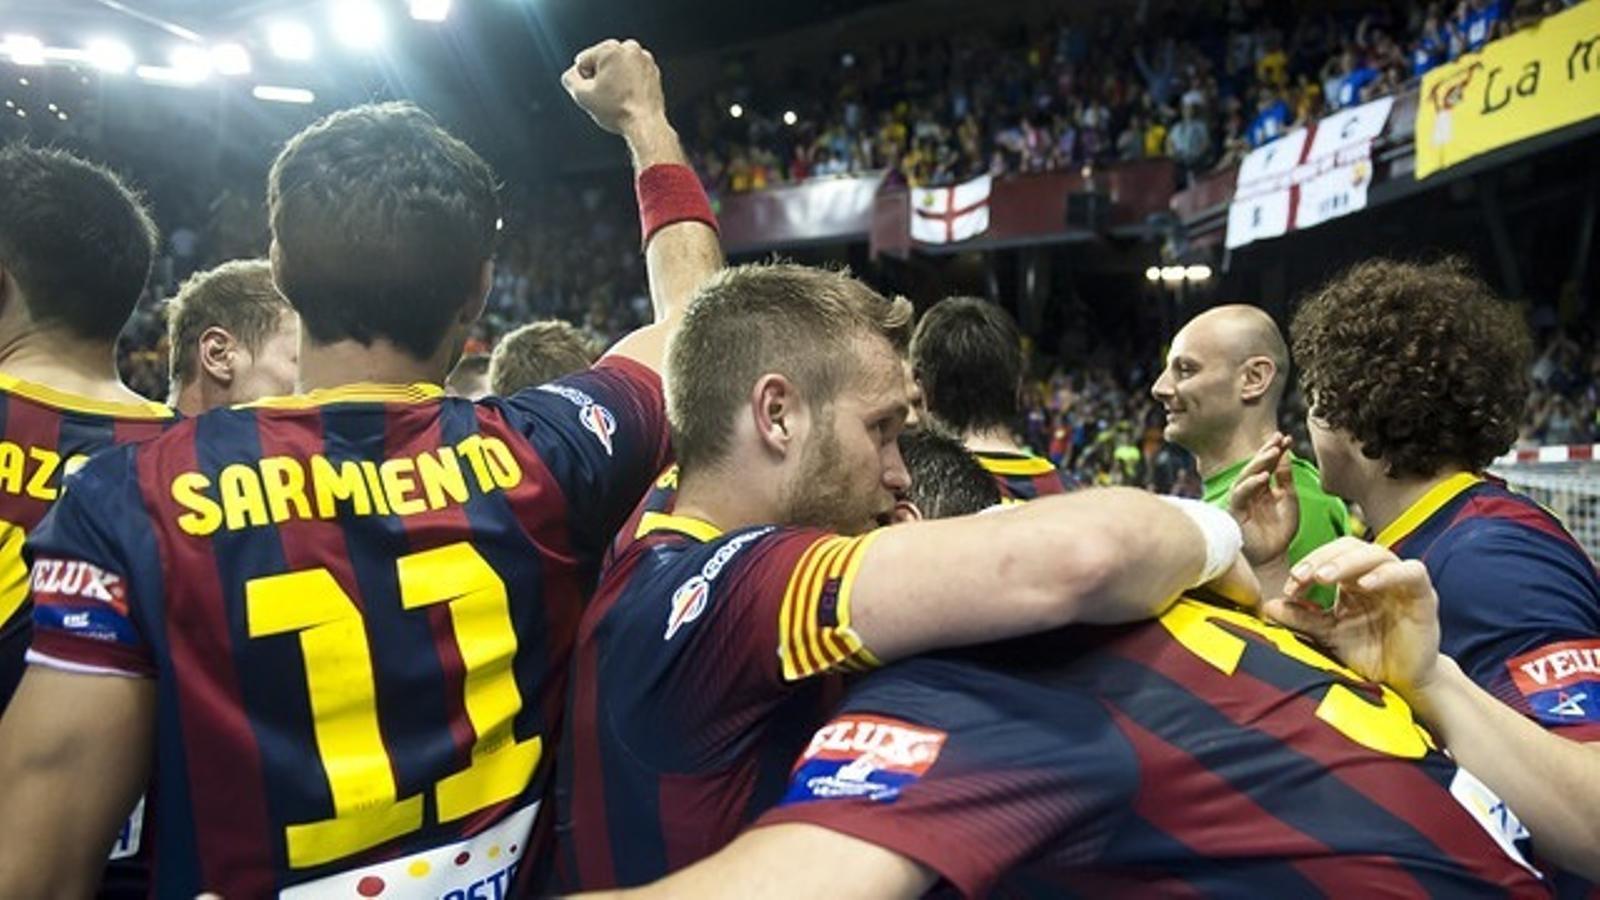 El Barça Lassa d'handbol vol celebrar una altre remuntada èpica